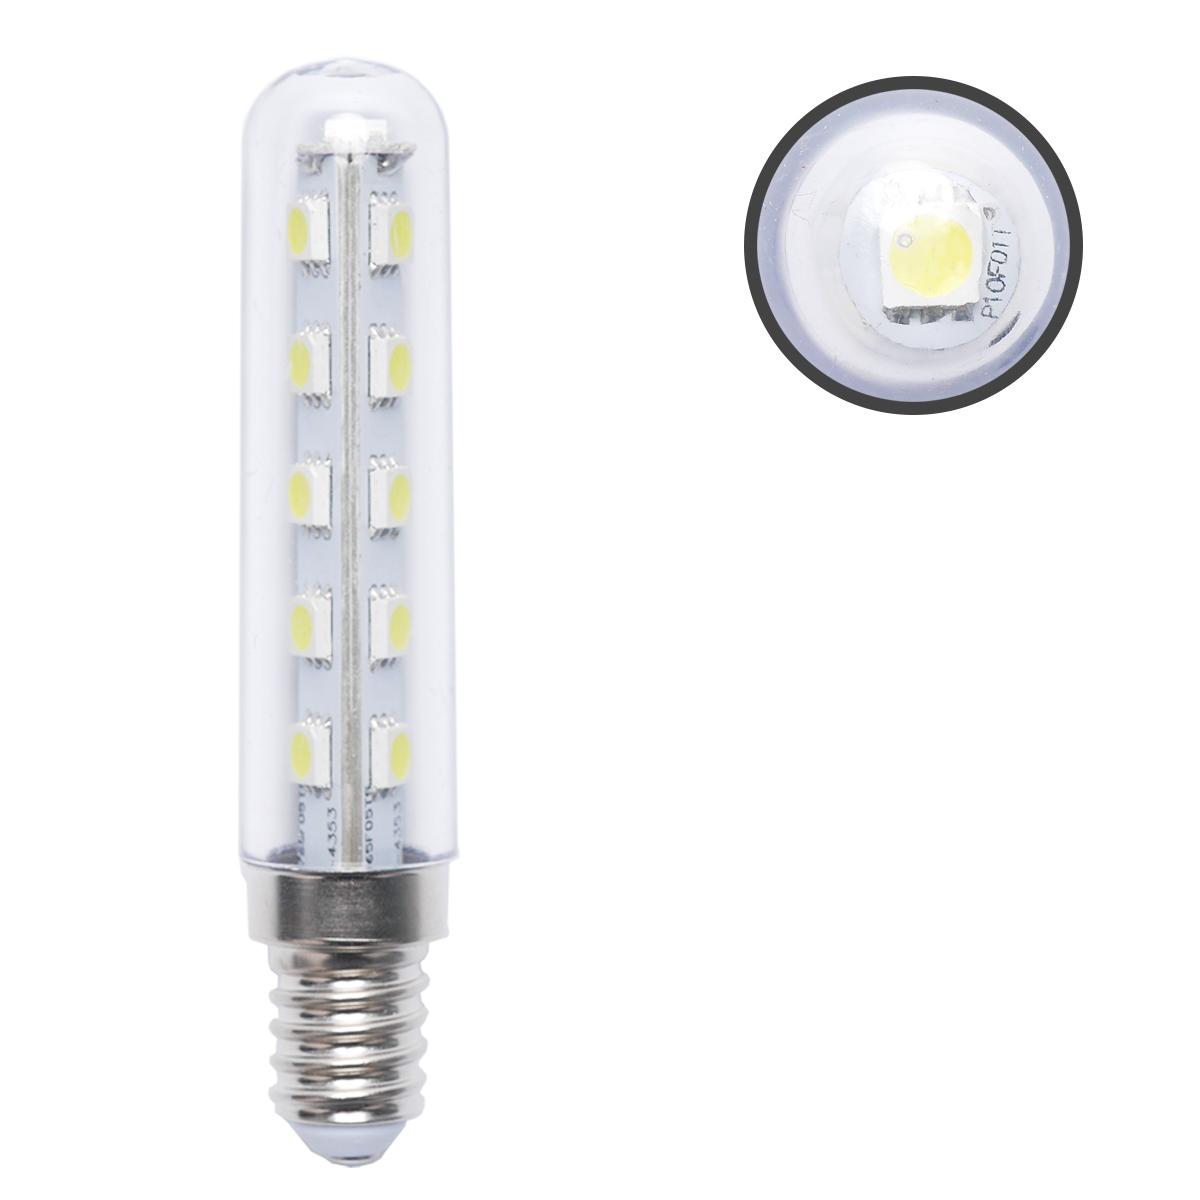 2 X E14 2 5W White LED Light Bulb FOR Kitchen Range Hood